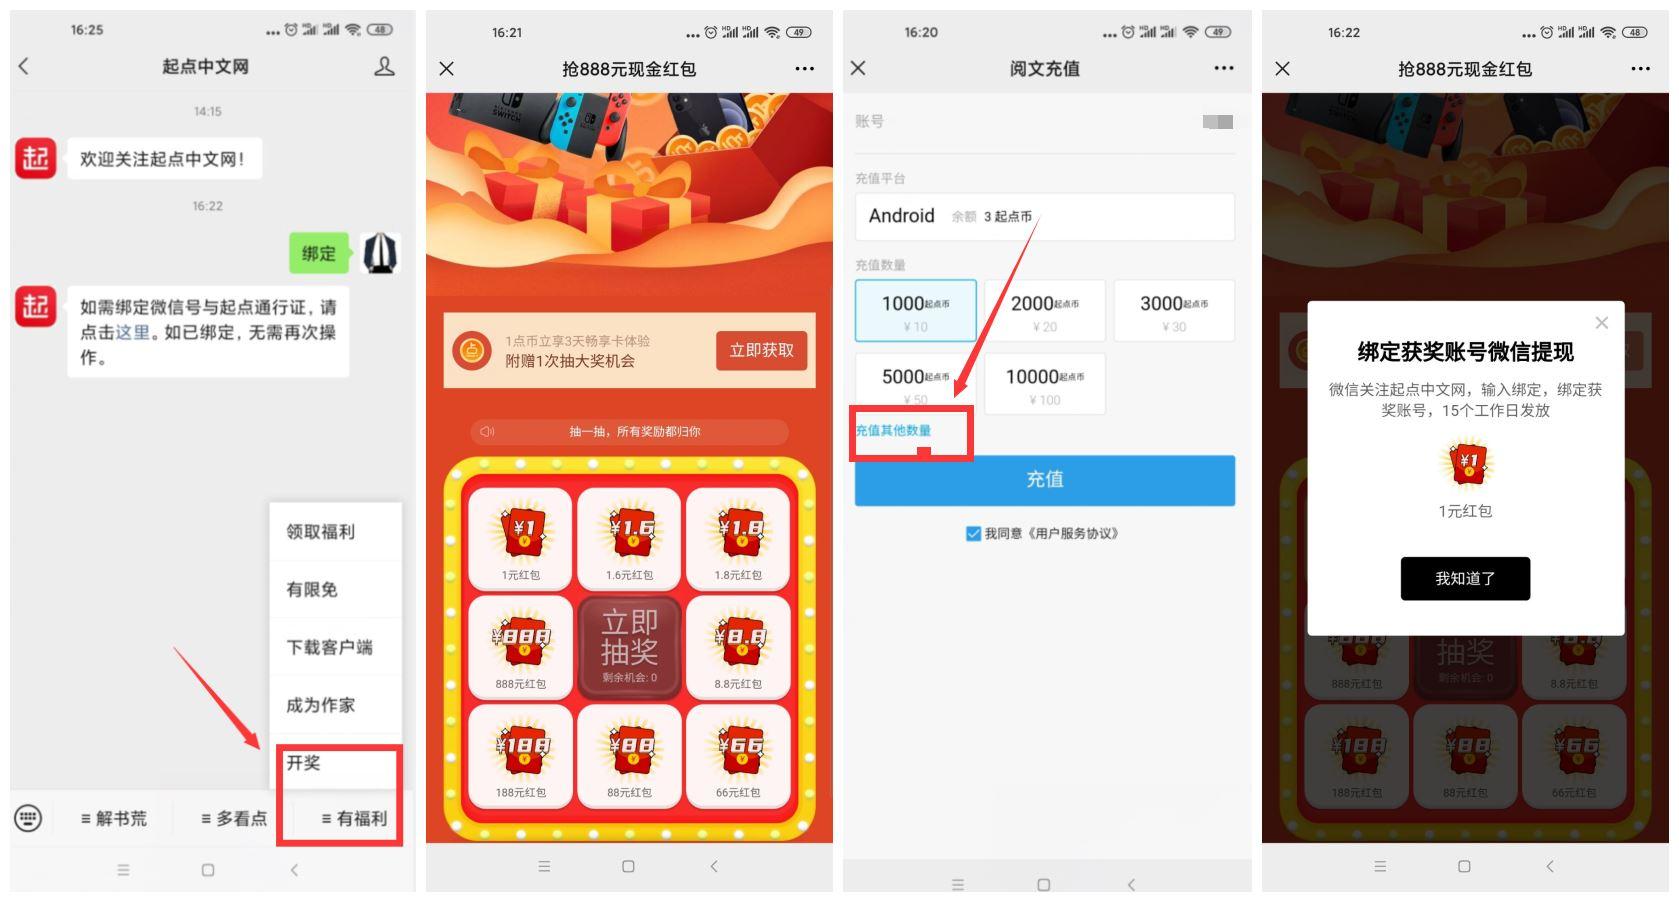 起点中文网1分撸1元微信红包